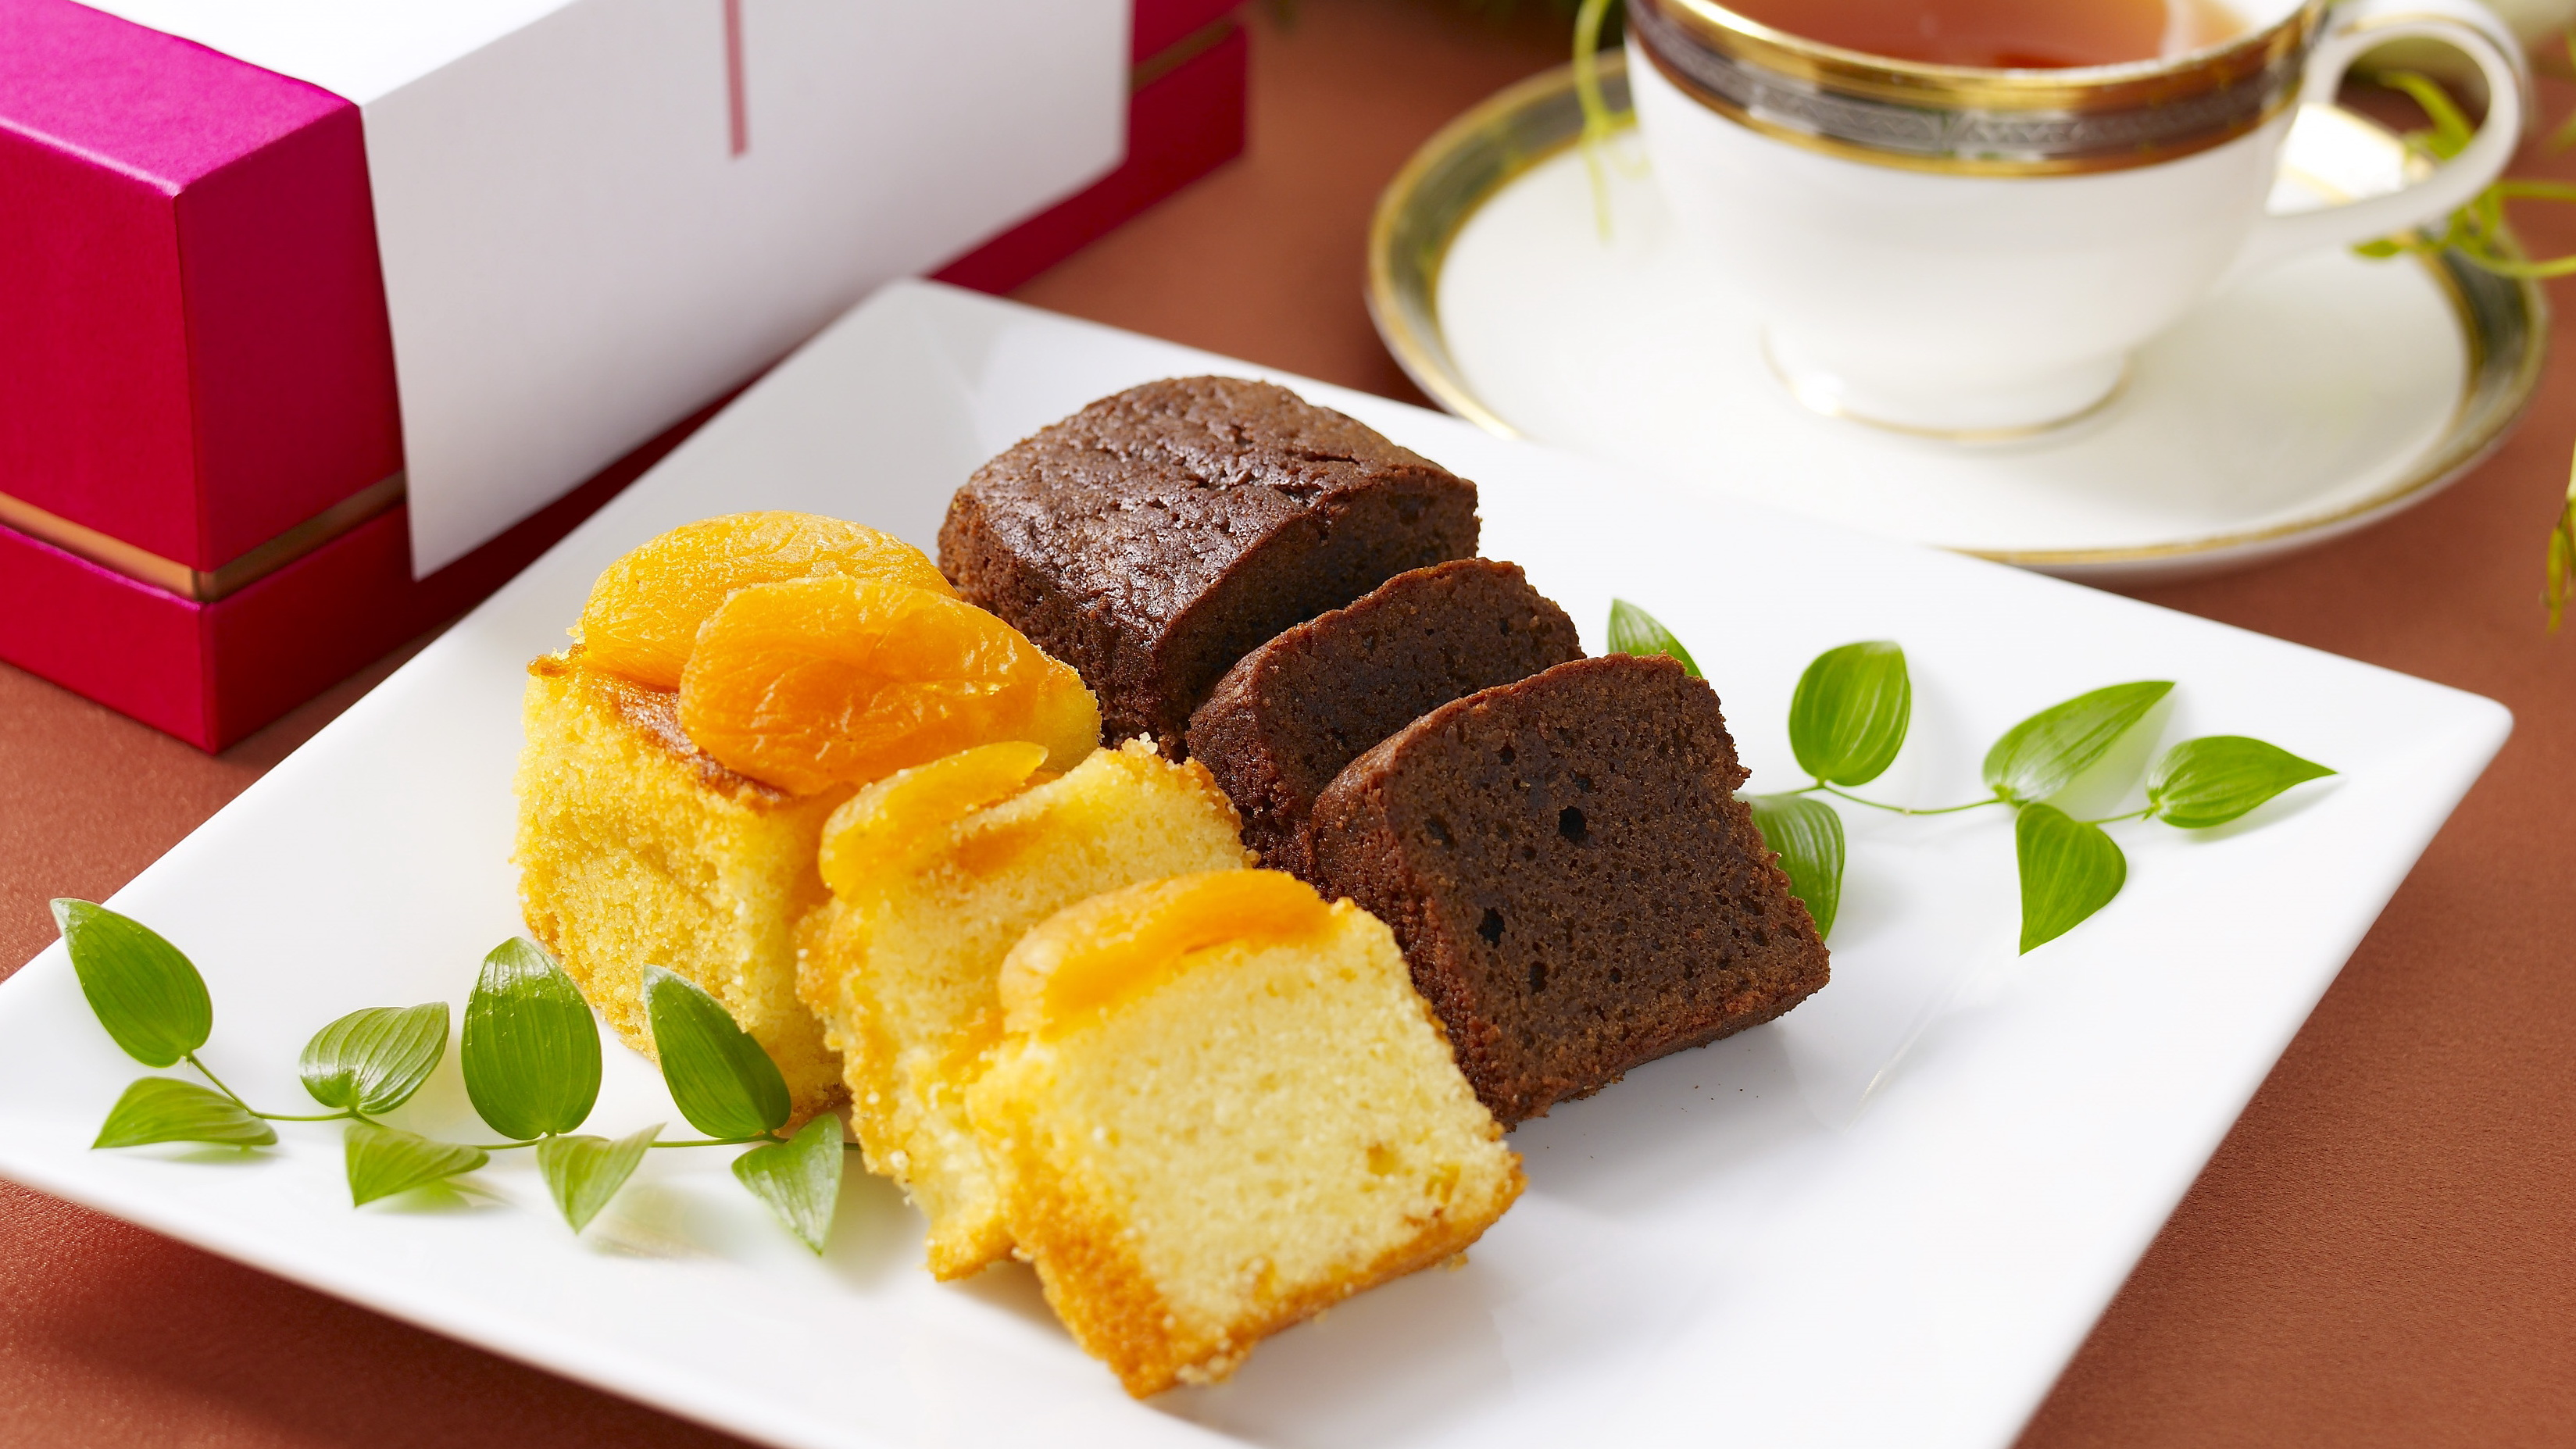 かわさき名産品認定のパウンドケーキ